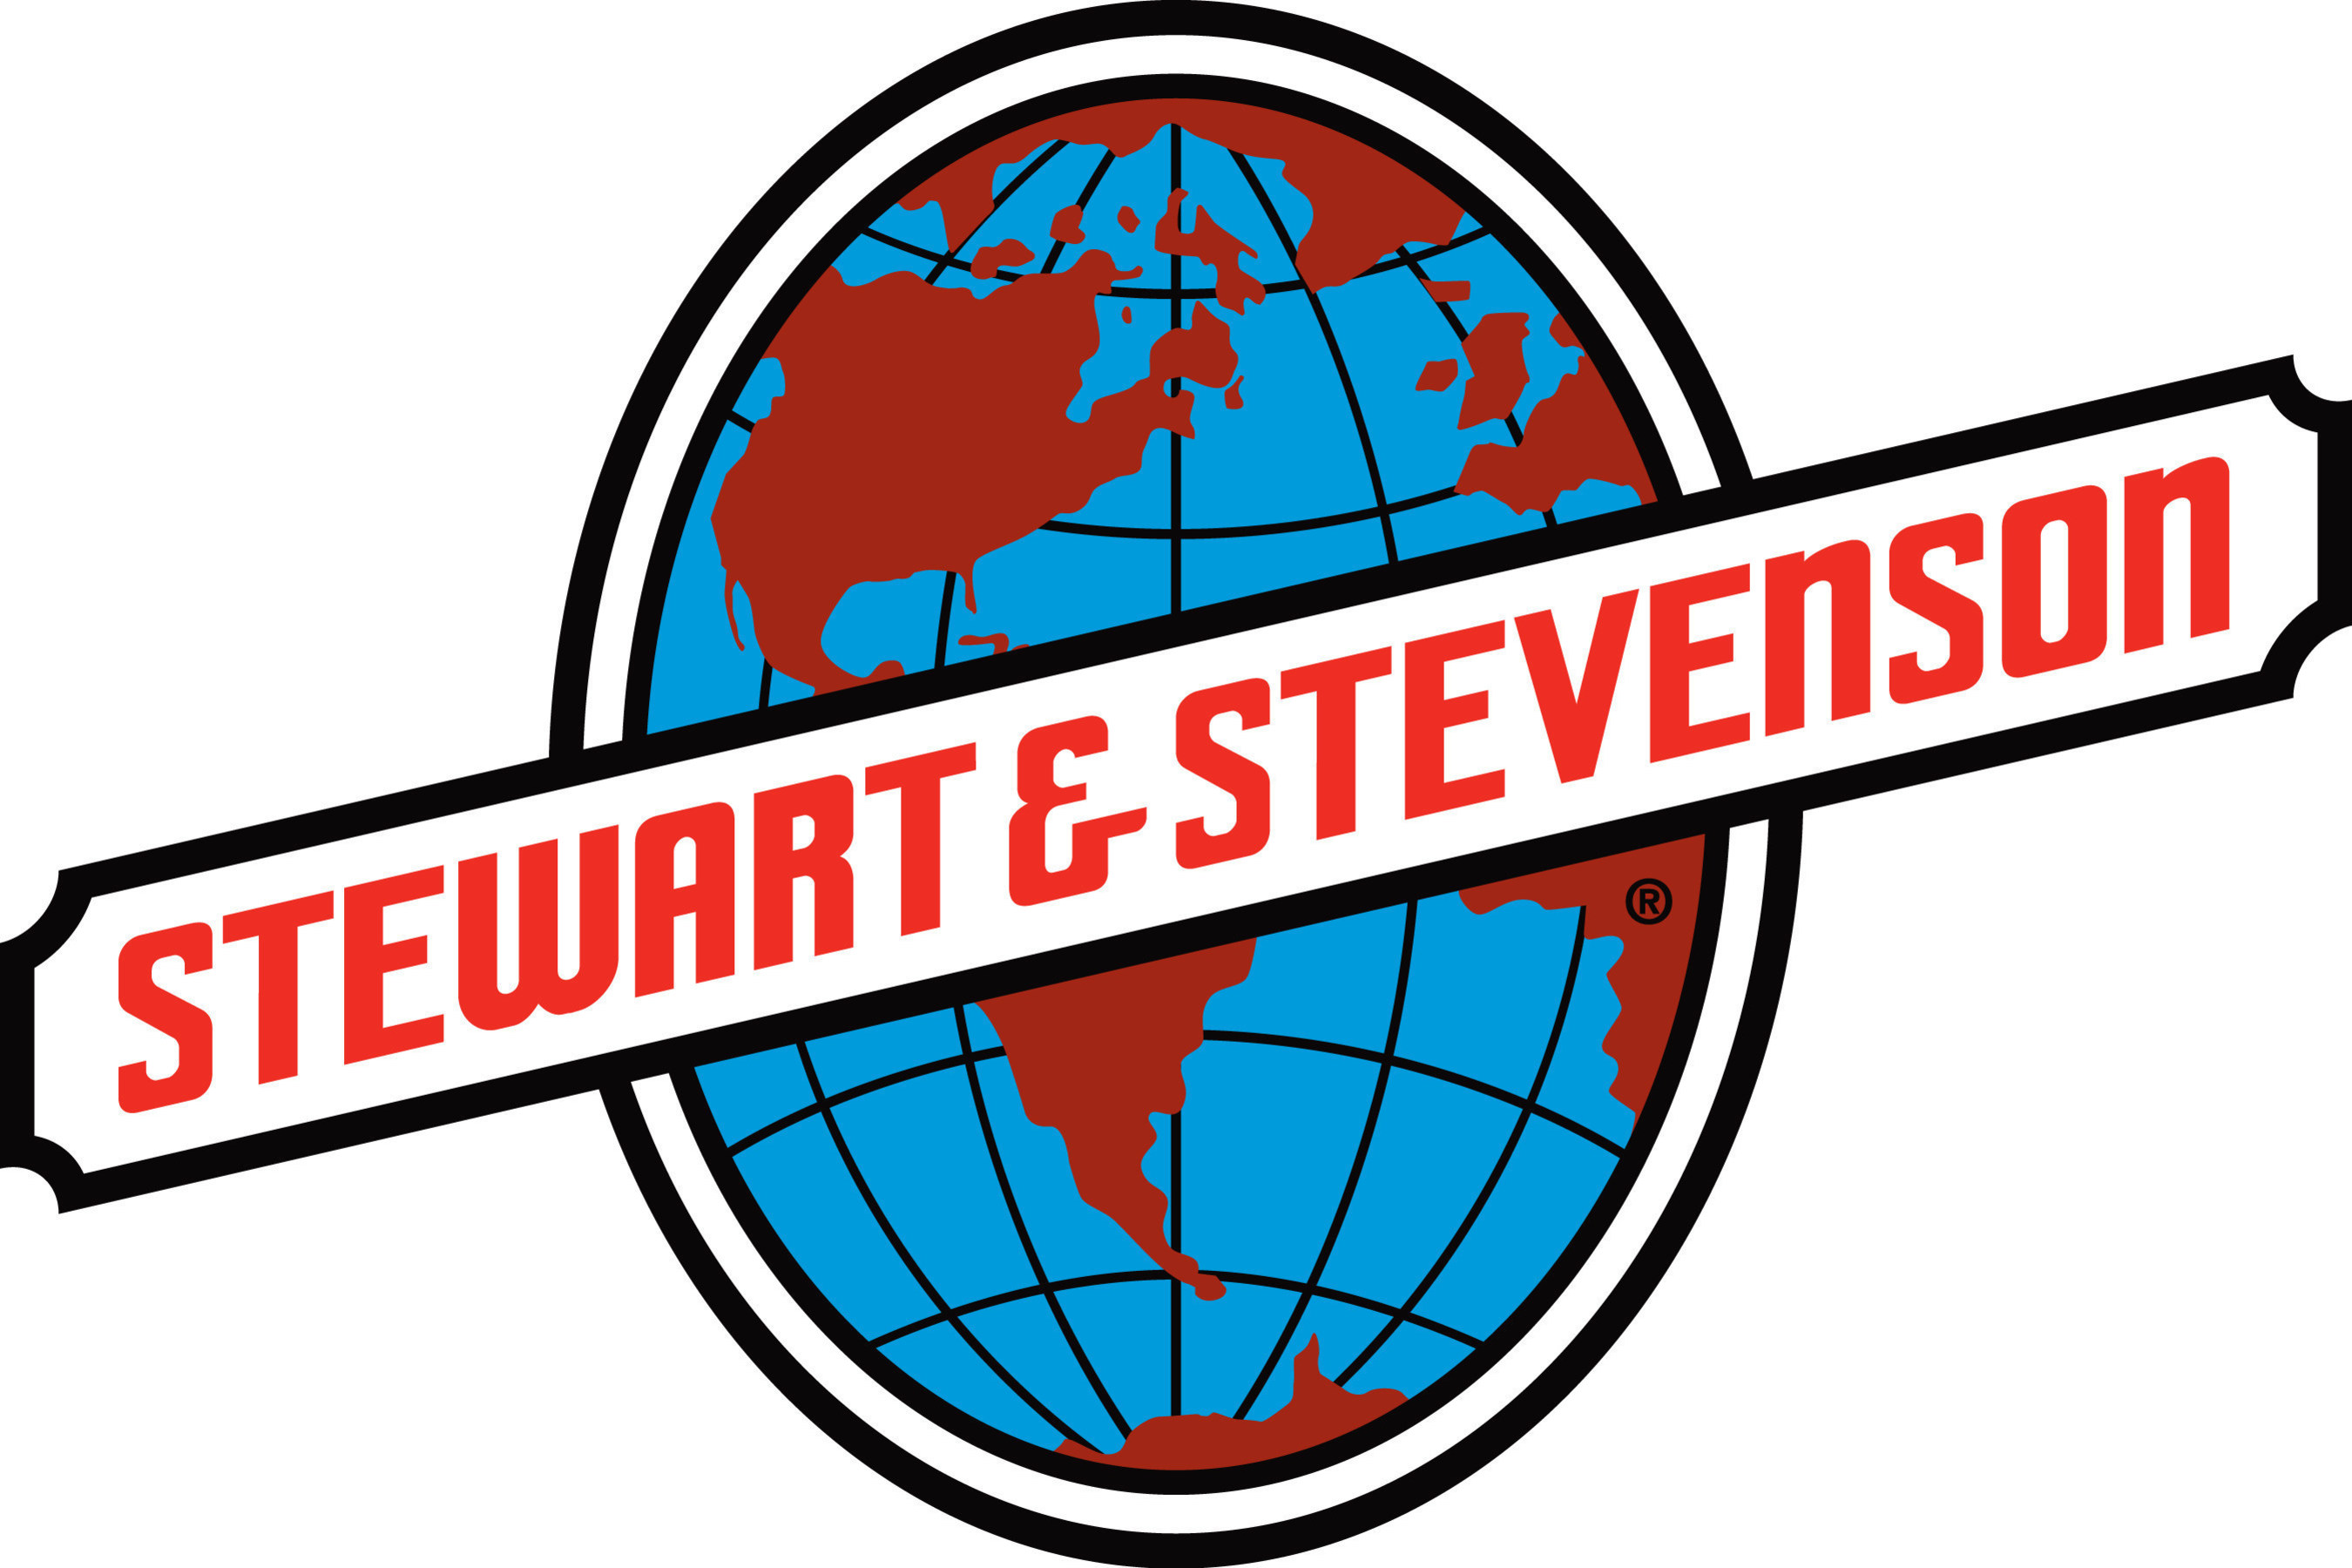 Spółka Stewart & Stevenson mianowała kierownictwo wyższego szczebla ds. działalności dystrybucyjnej